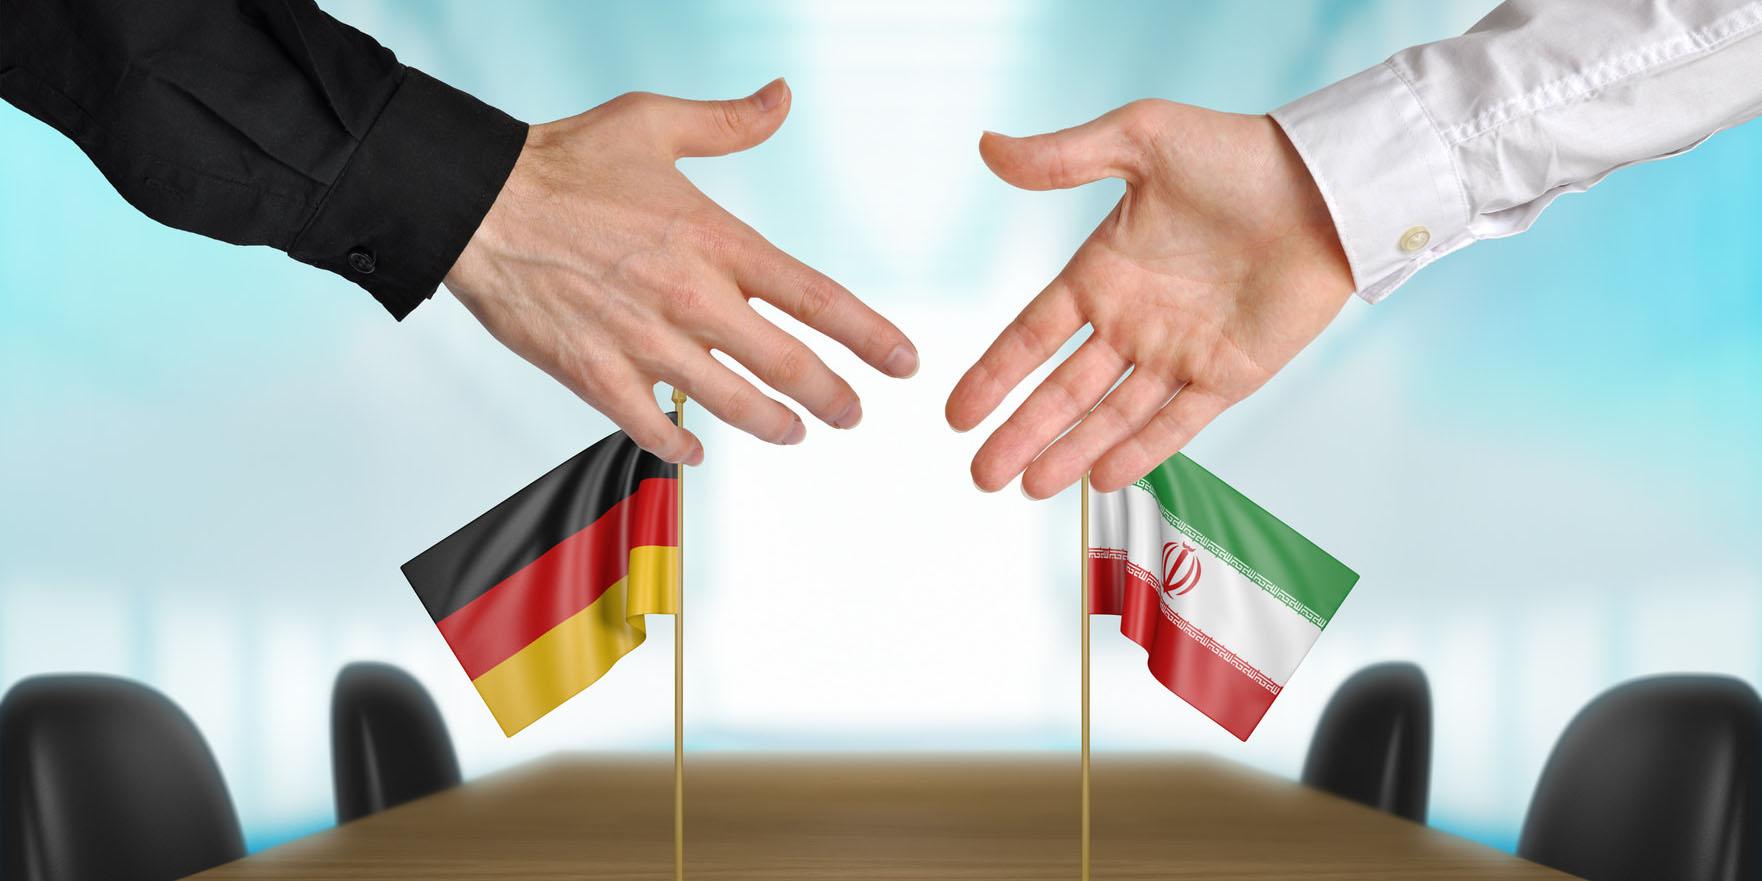 آمریکا مانع همکاری بانکهای آلمانی با ایران است